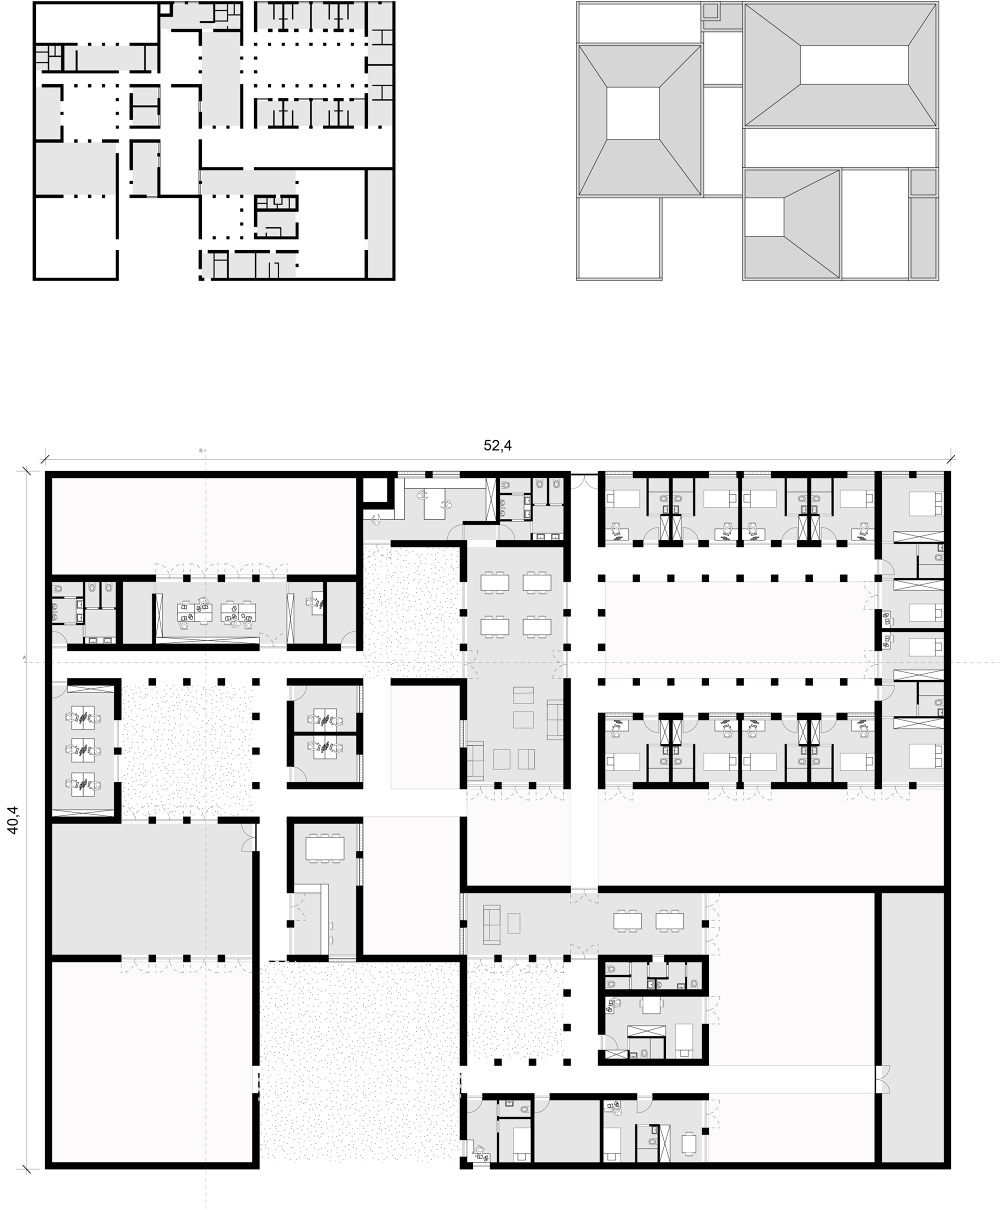 Rcnl architects